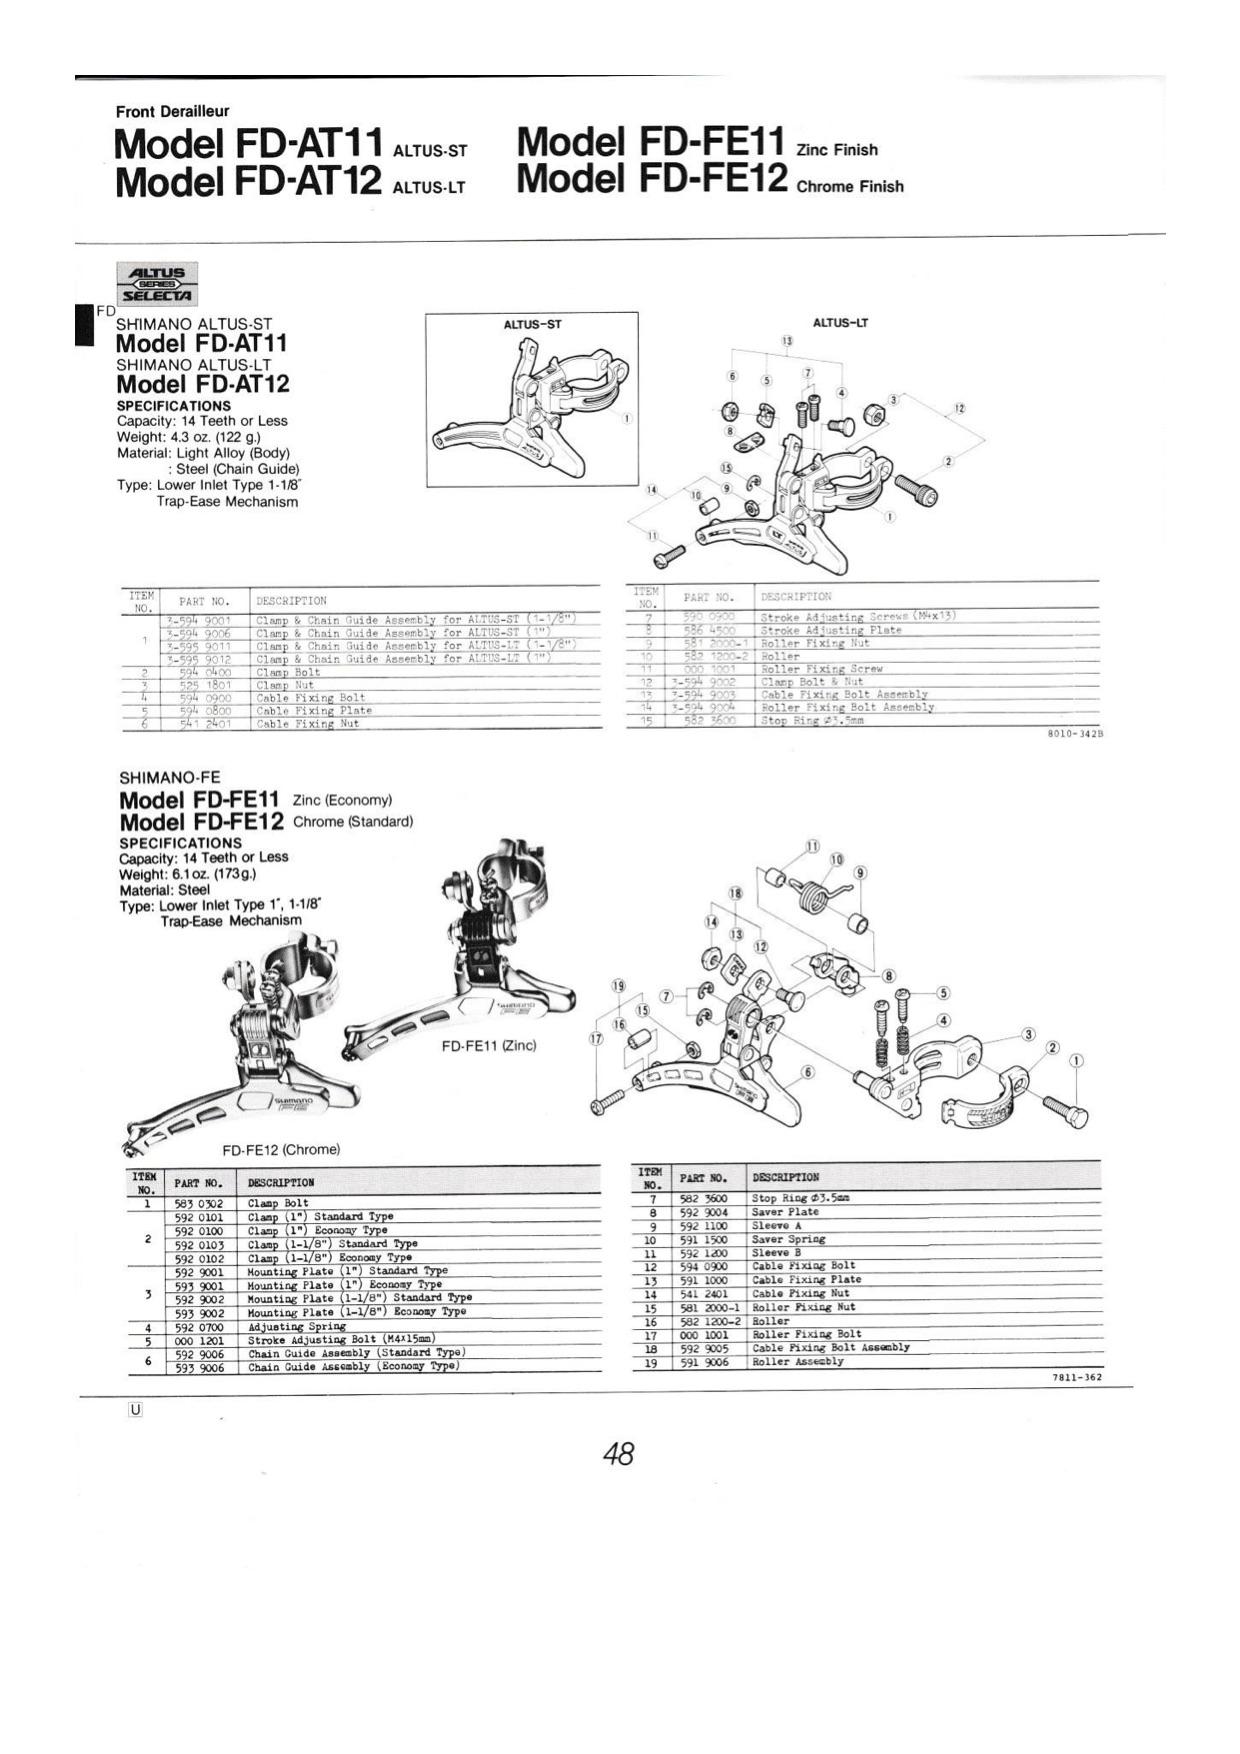 Shimano 1984 Dealer (verschoben) 2.jpg